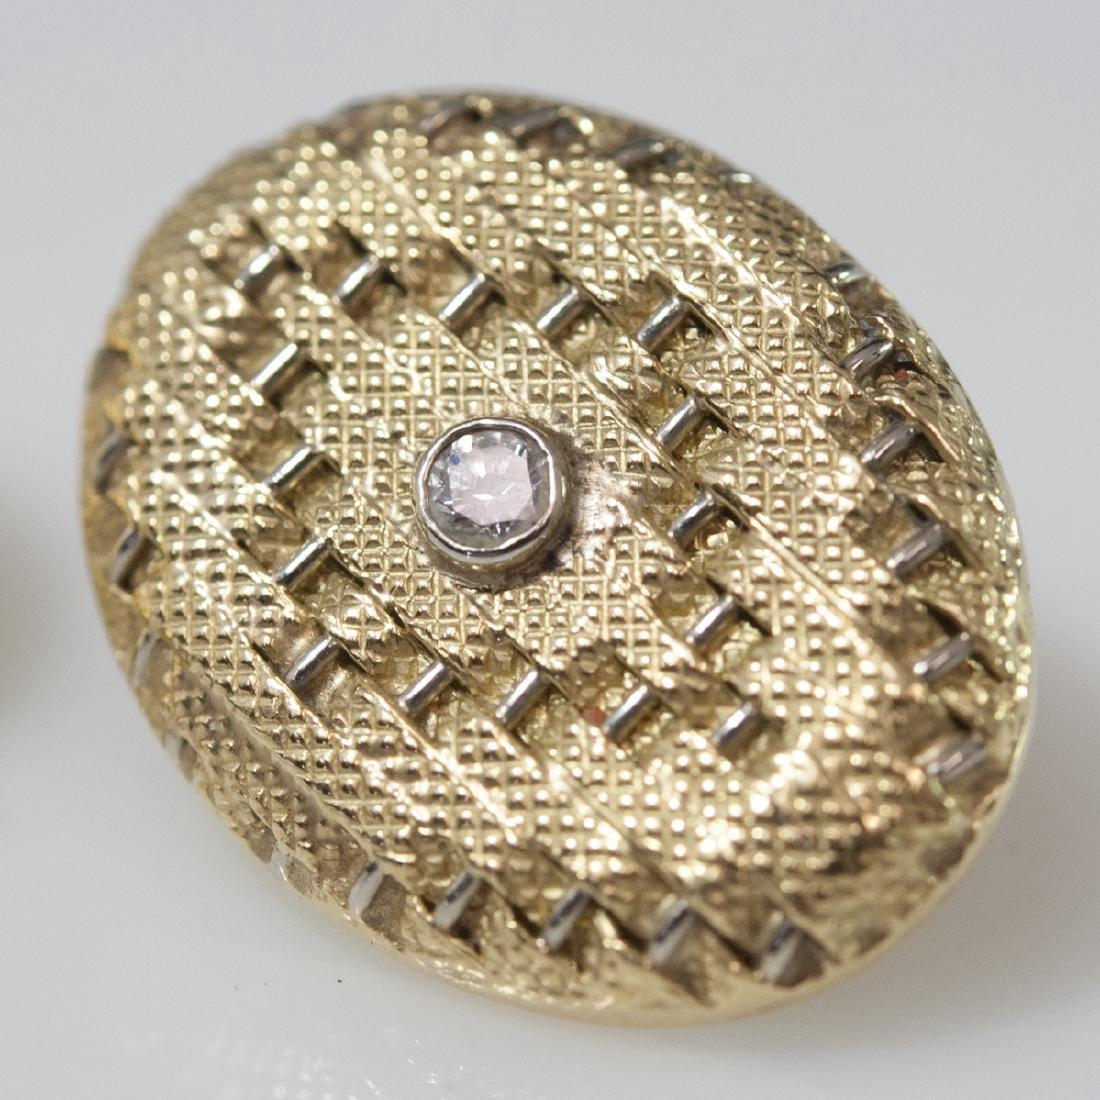 18kt Gold & Diamond Art Deco Style Earrings - 4